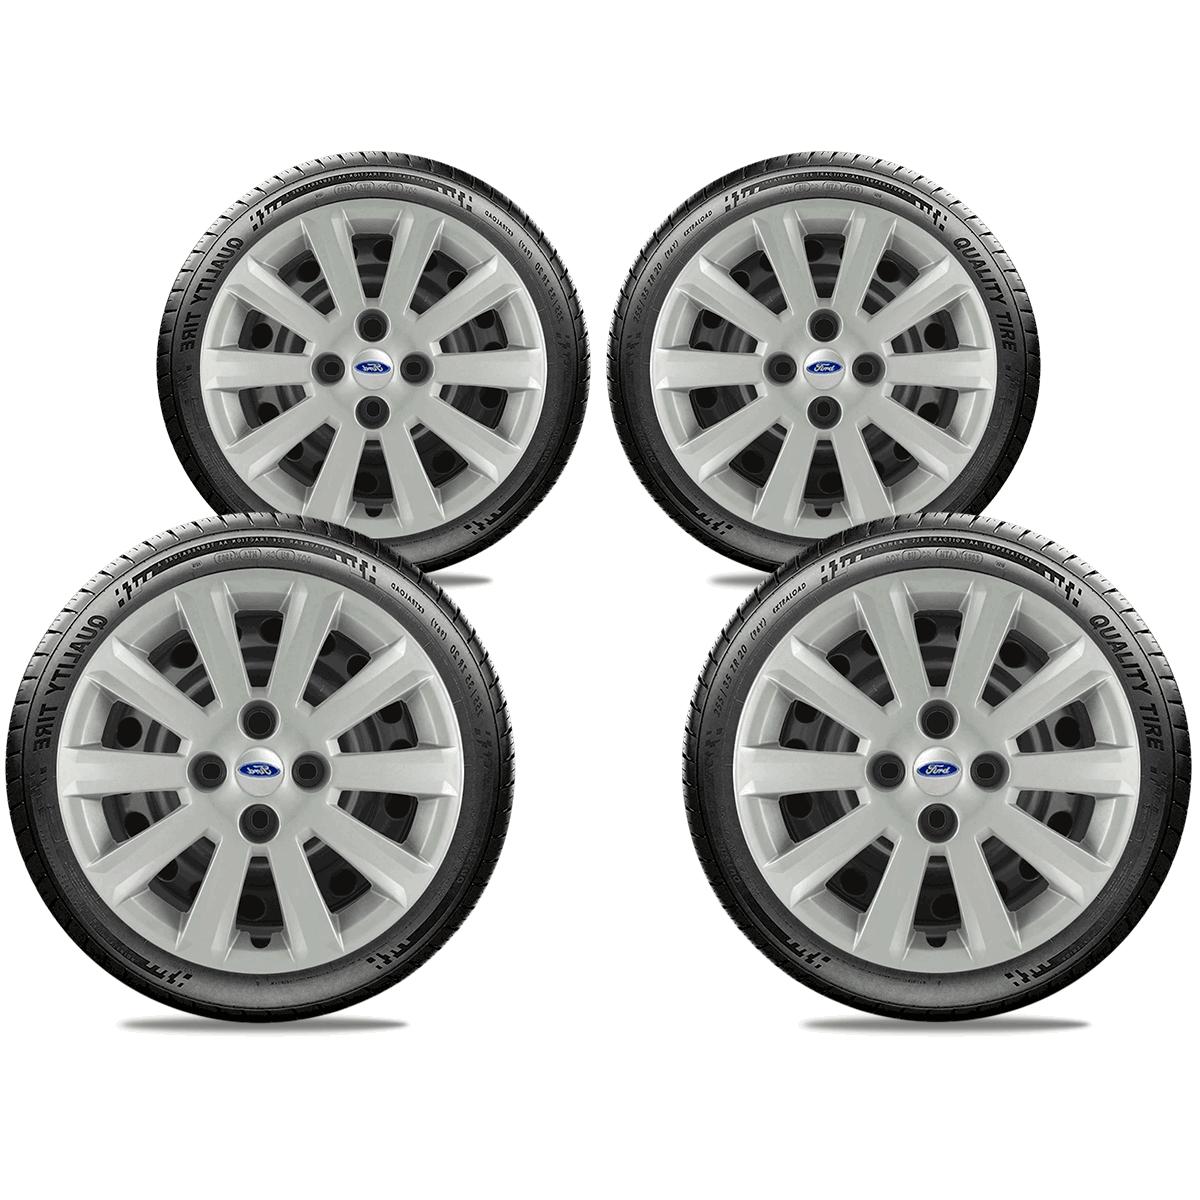 Calota Jogo 4Pçs Ford Fiesta Focus Novo Ka Aro 15 G018J